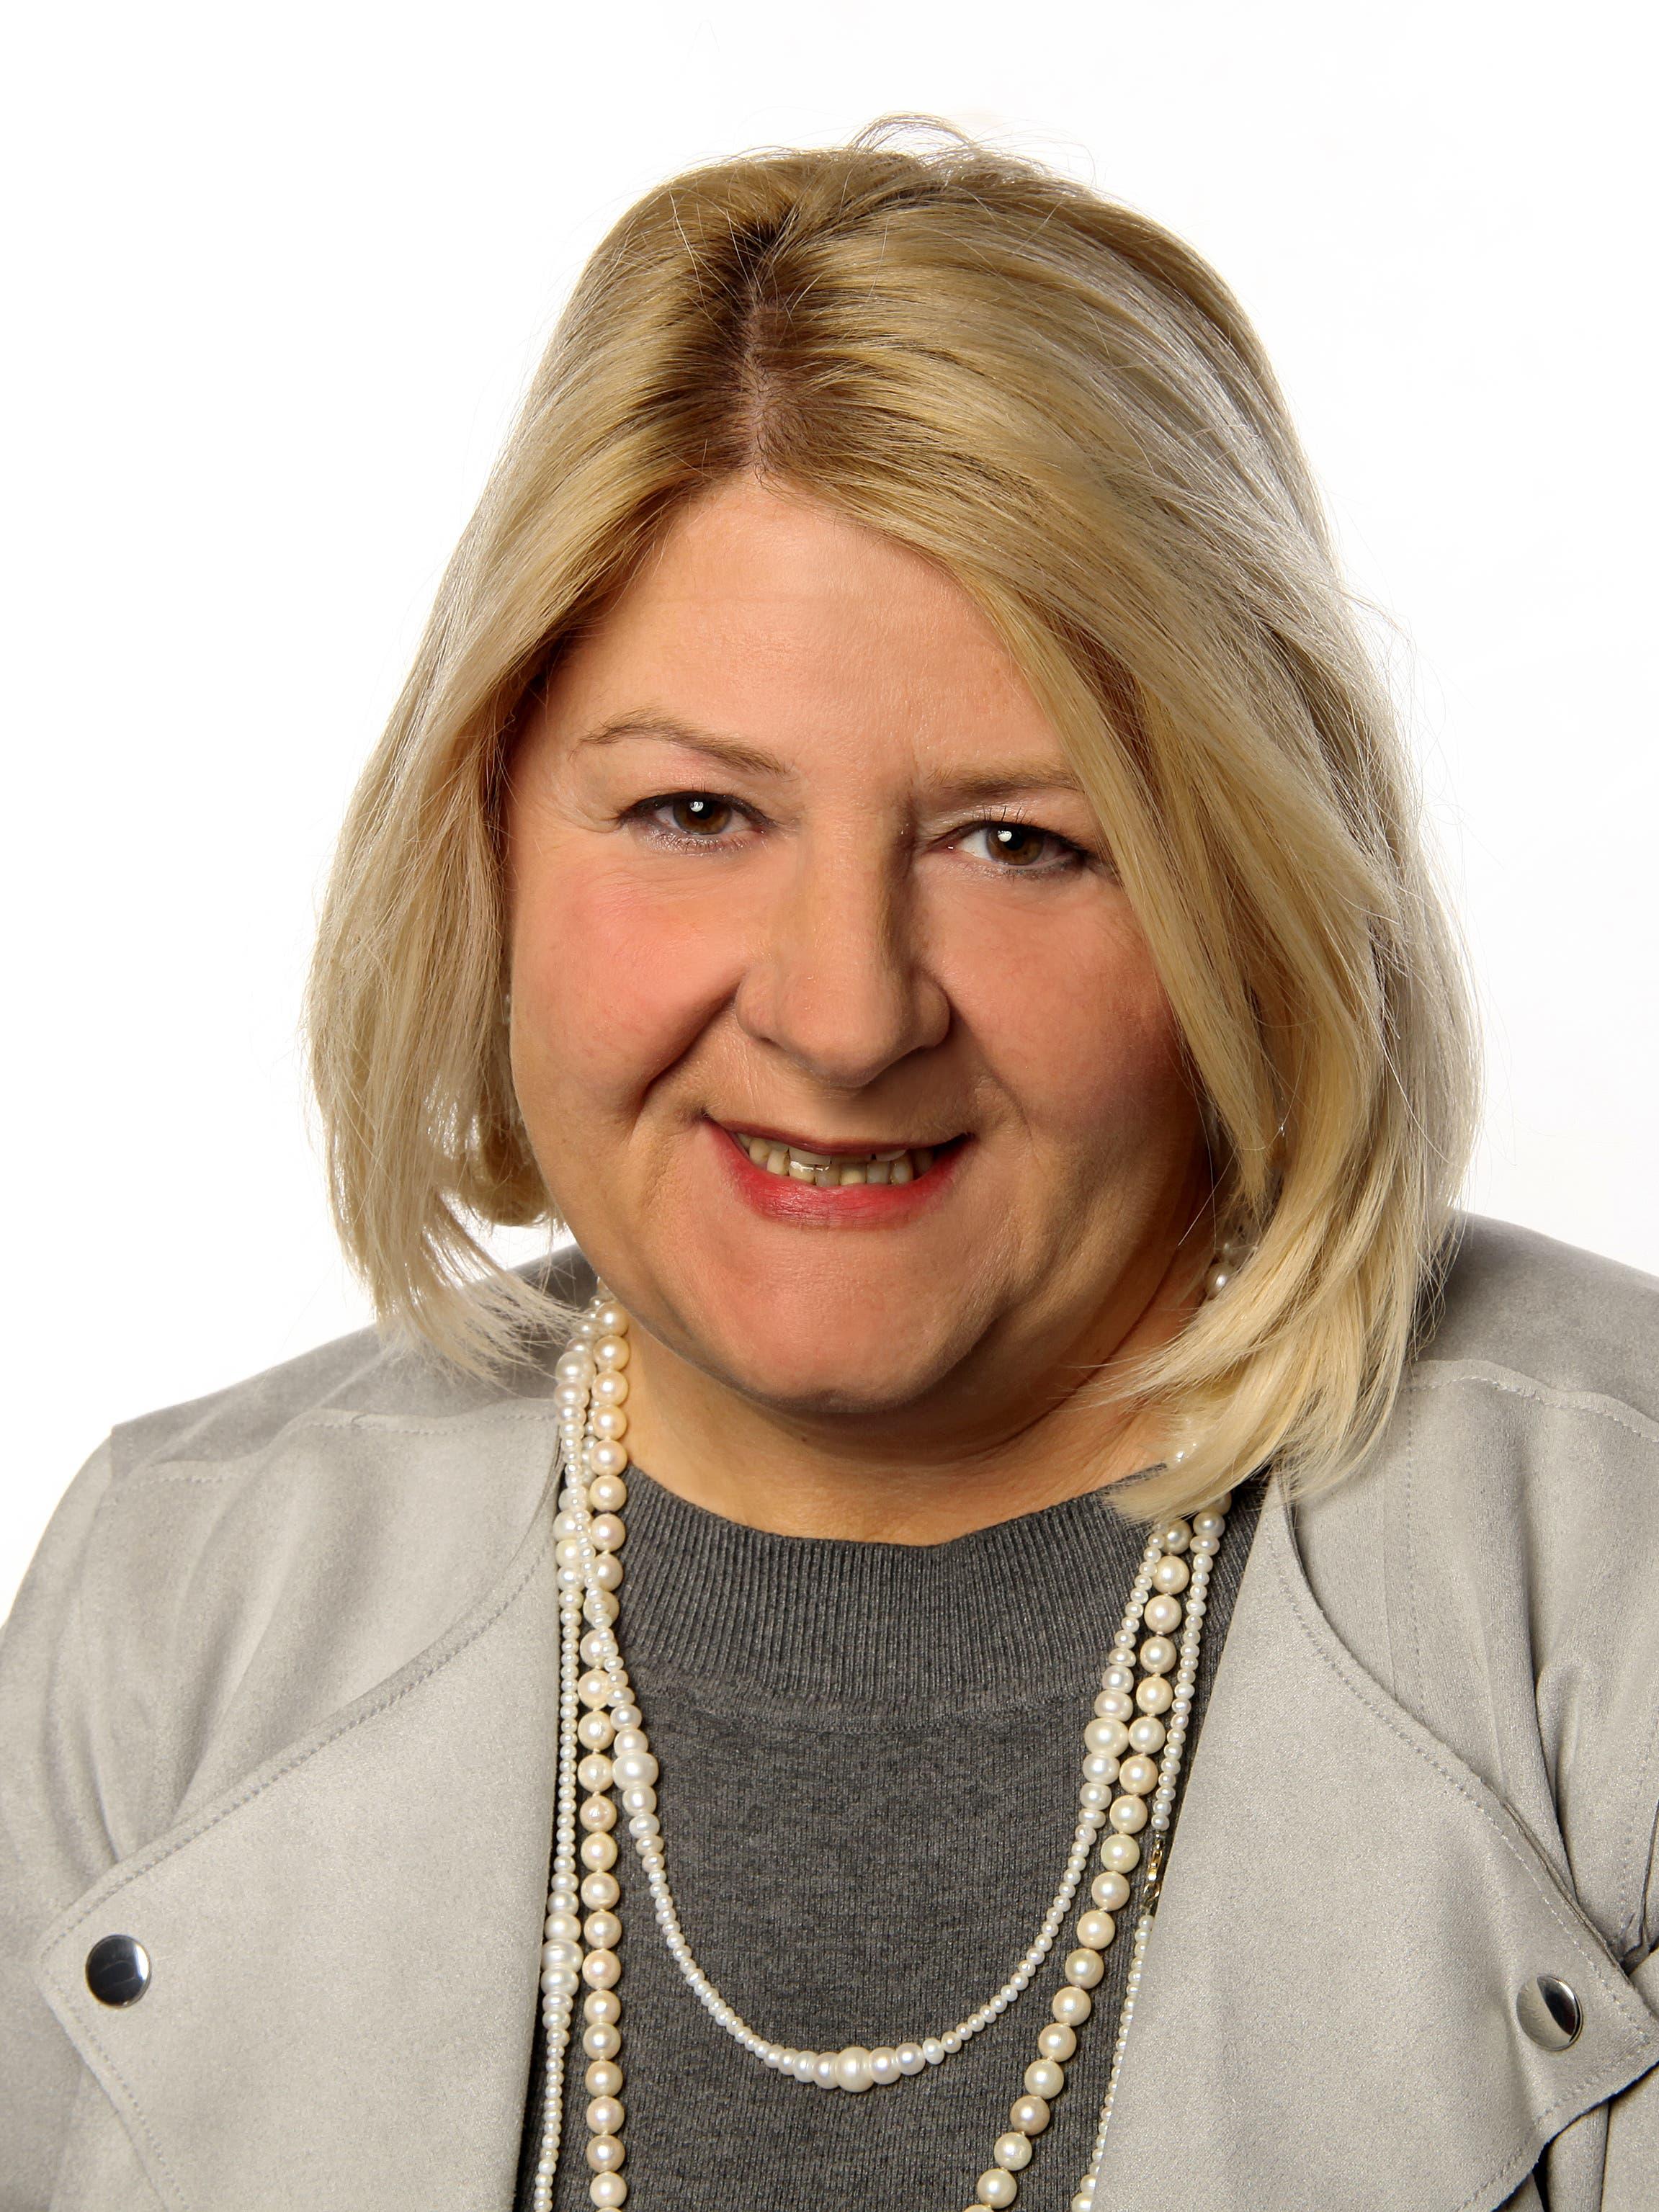 Corinna Klein, SVP